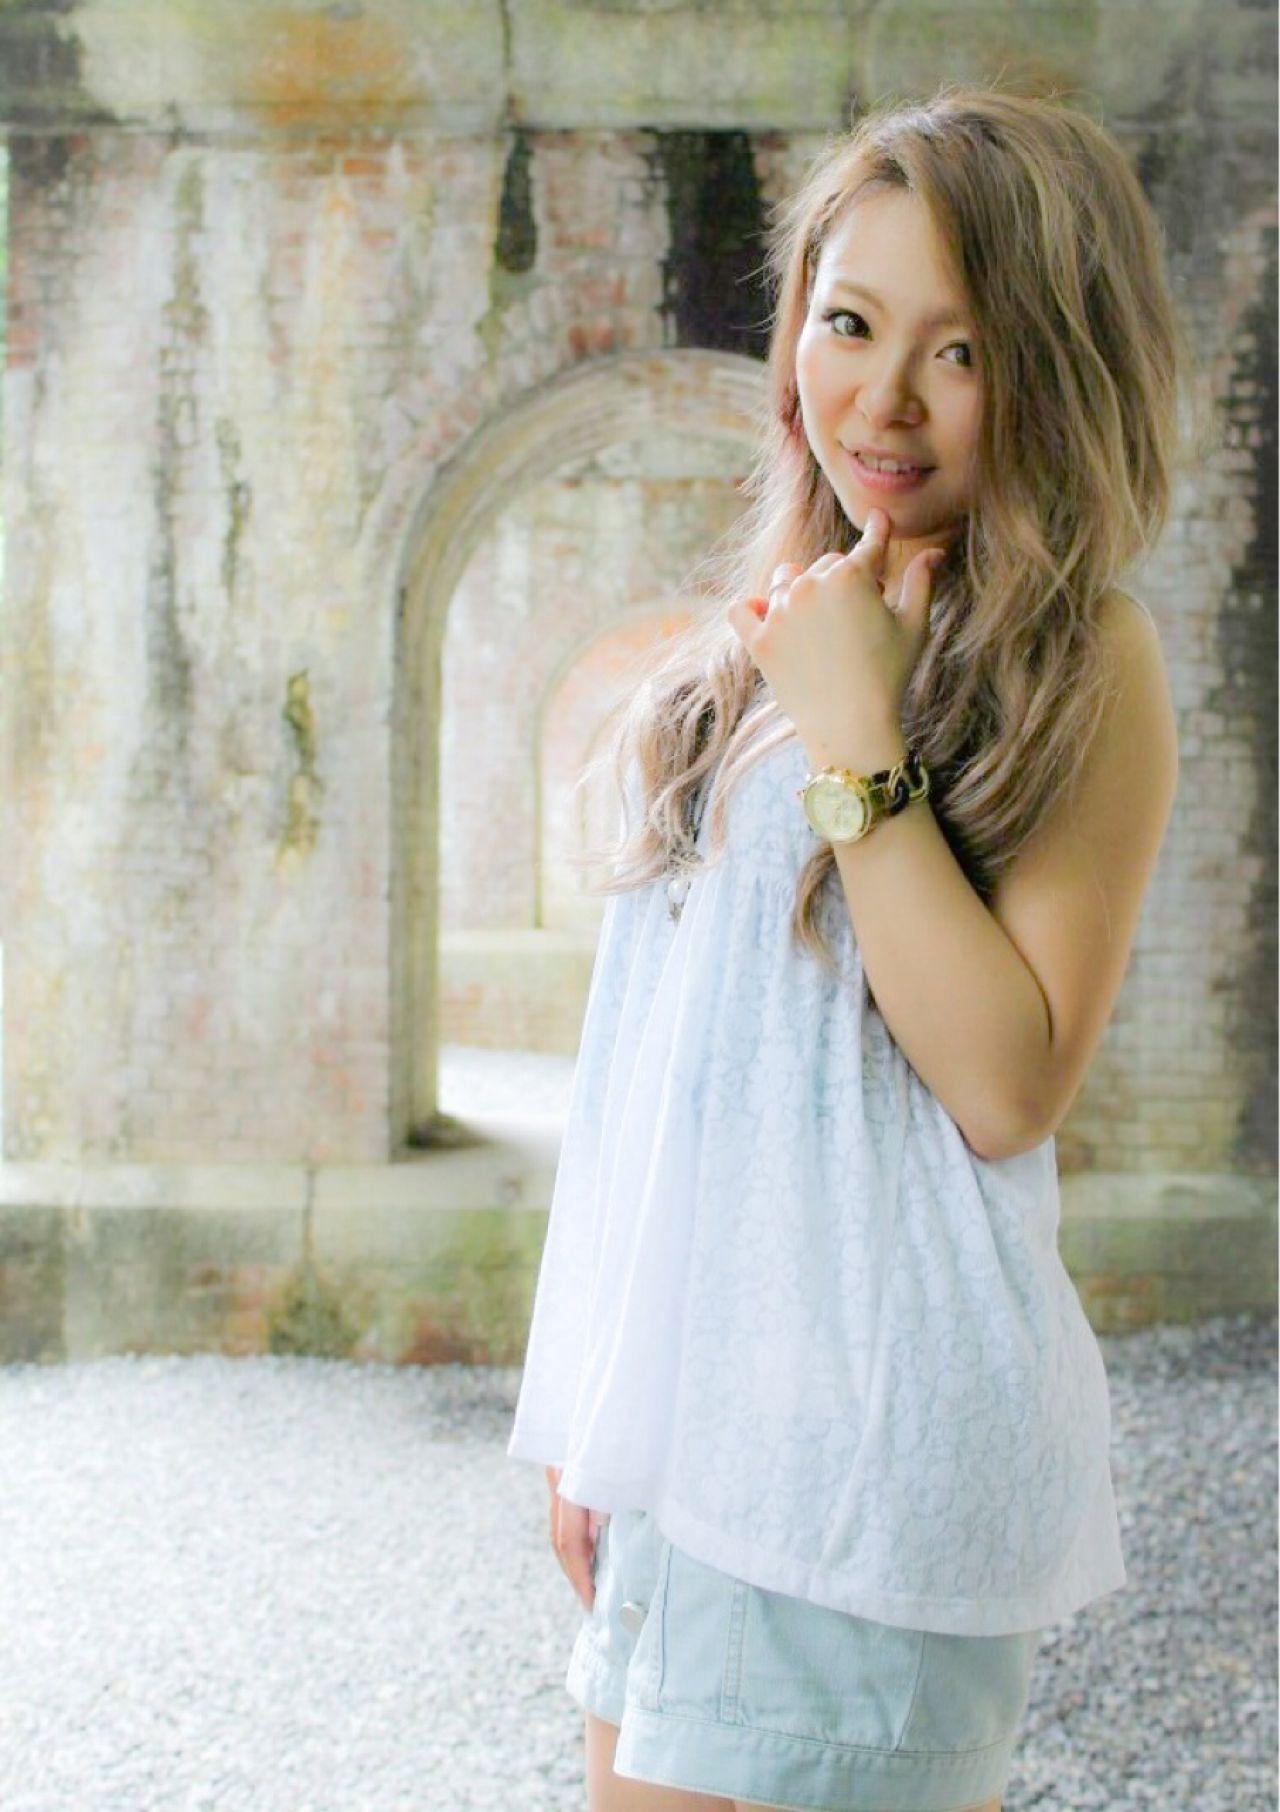 モテ髪 ロング 外国人風 ナチュラル ヘアスタイルや髪型の写真・画像 | 山本 佳裕 / HAIRsalon DELIGHT